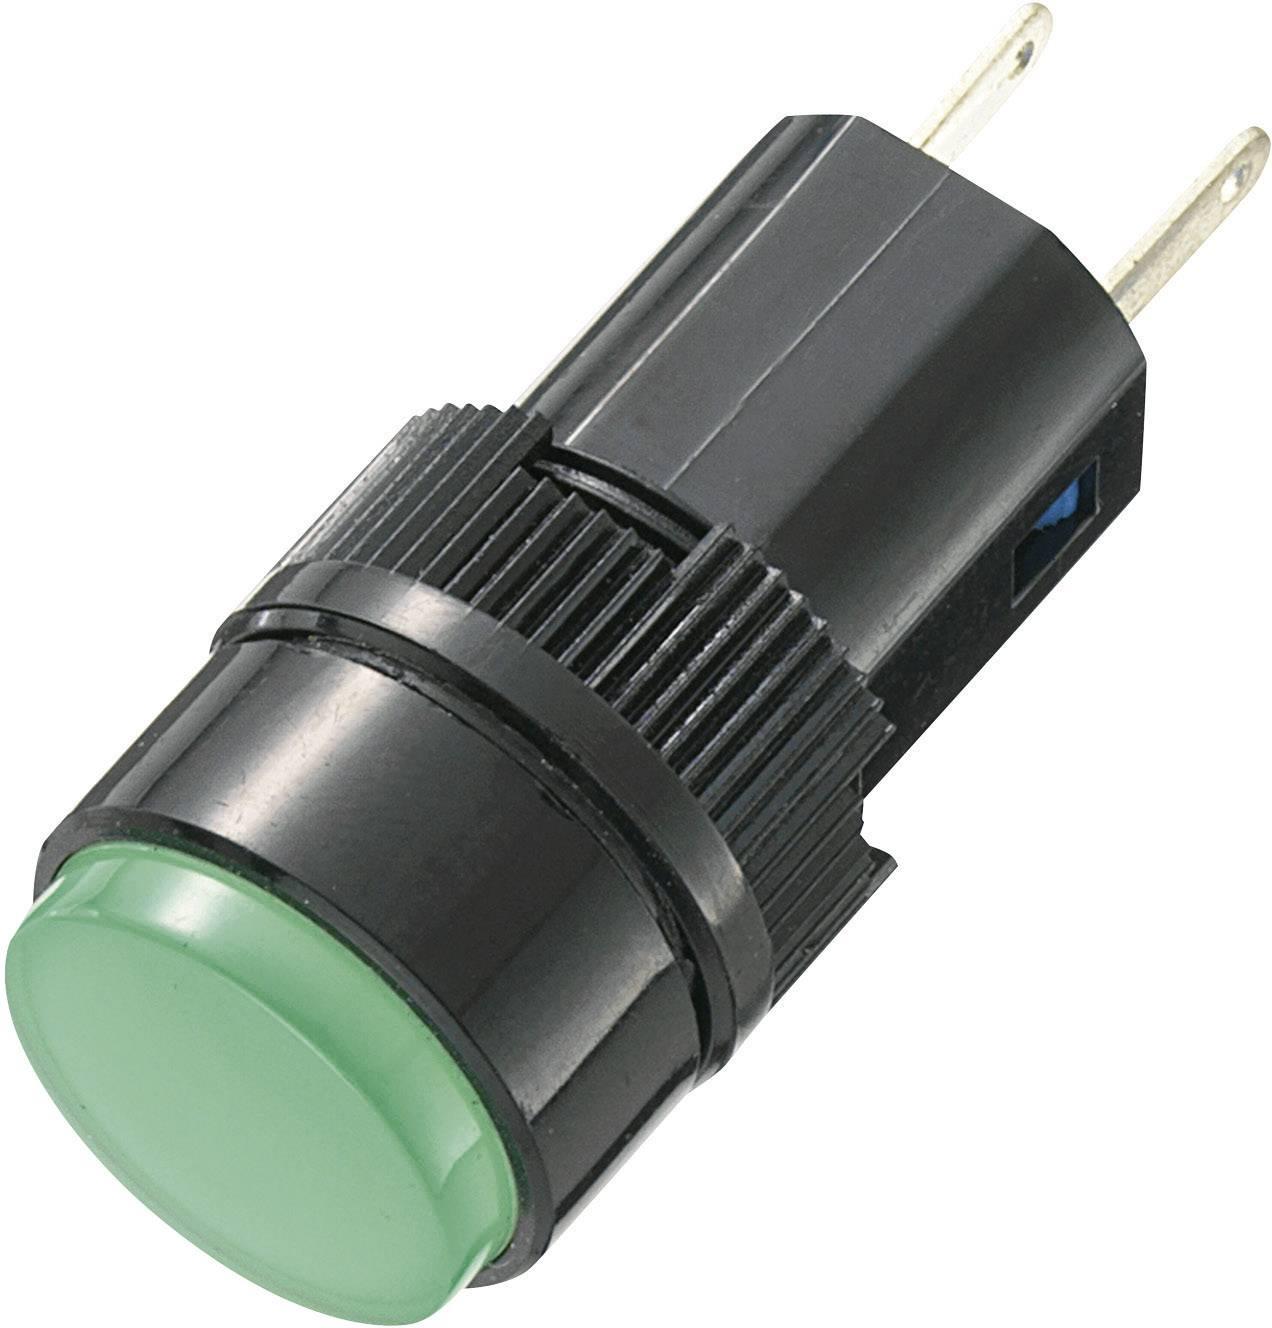 IndikačnéLED TRU COMPONENTS AD16-16A/24V/R, 24 V/DC, 24 V/AC, červená